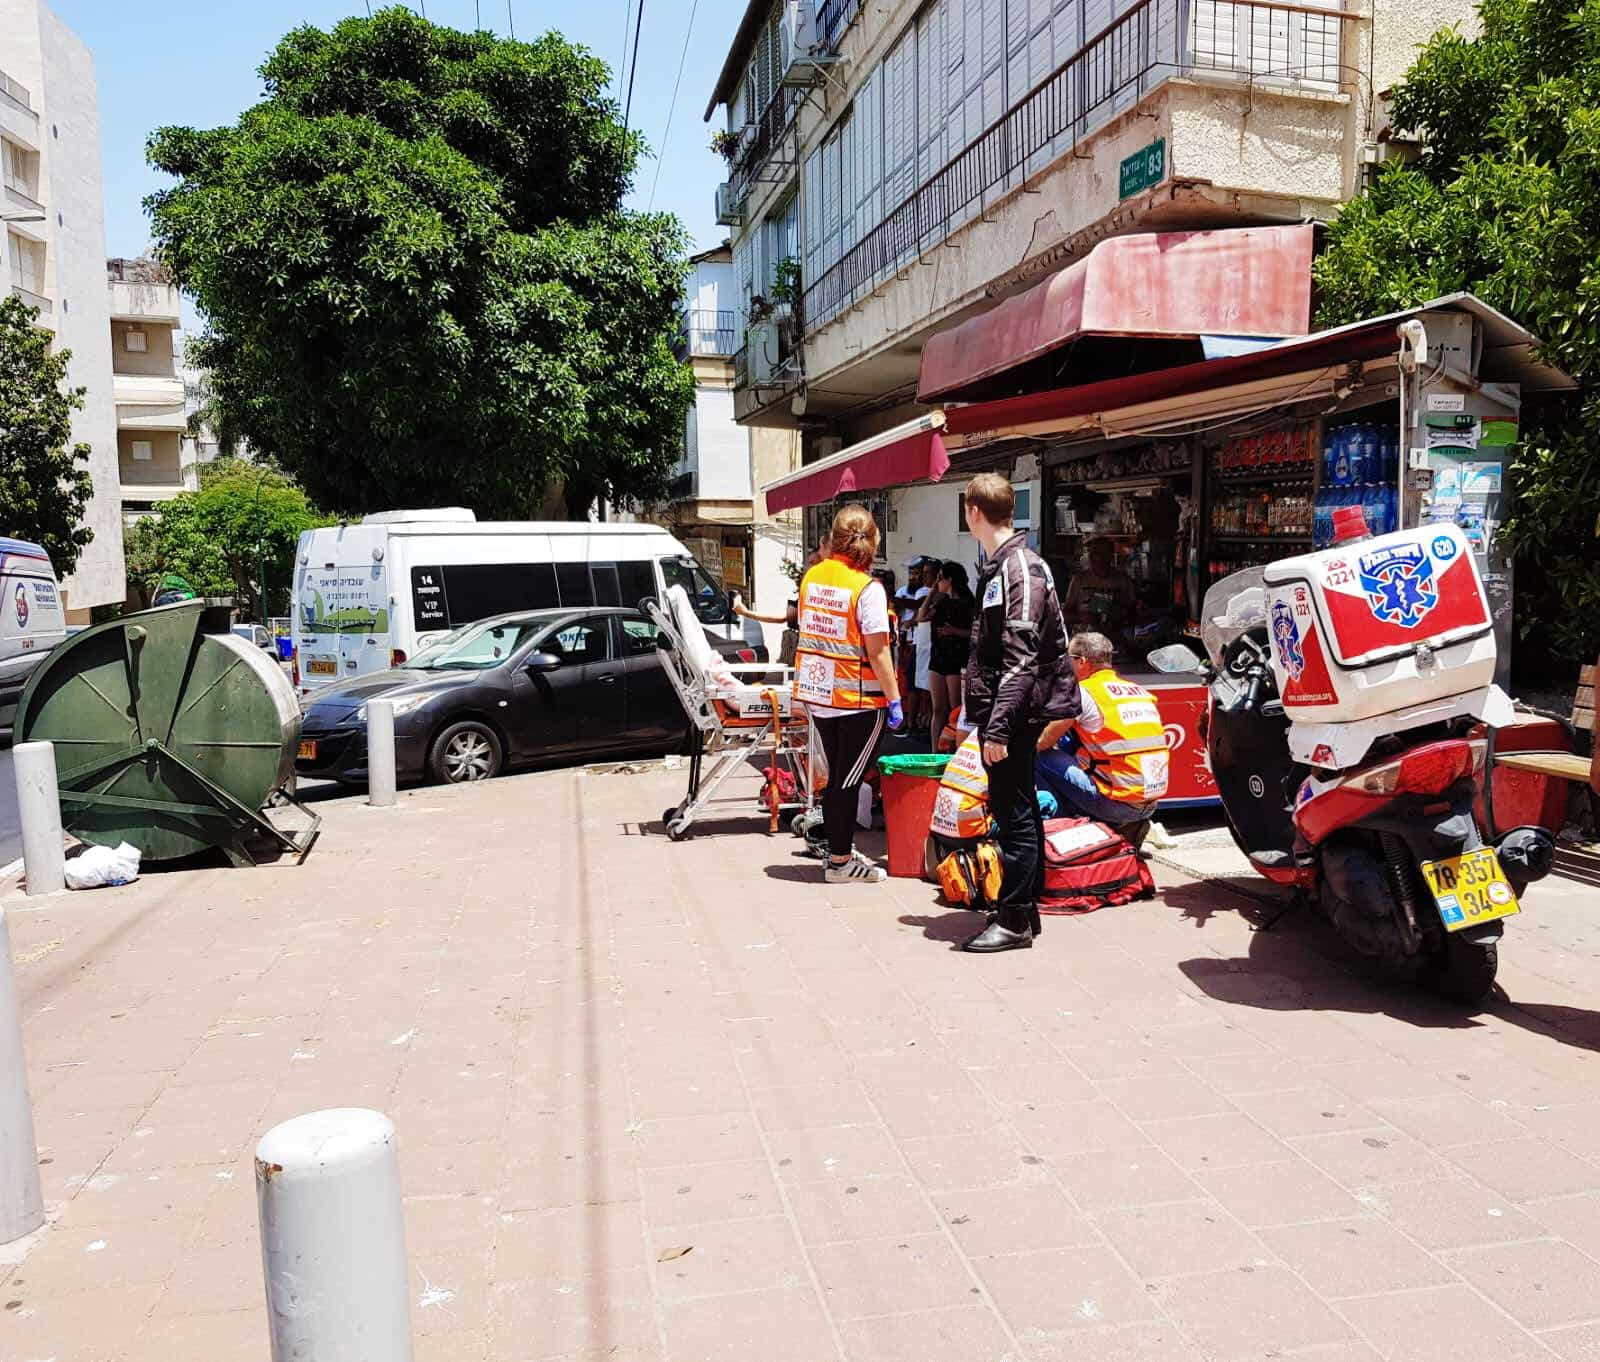 2 פצועים קל קיבלו טיפול במקום, צילום: דוברות איחוד הצלה